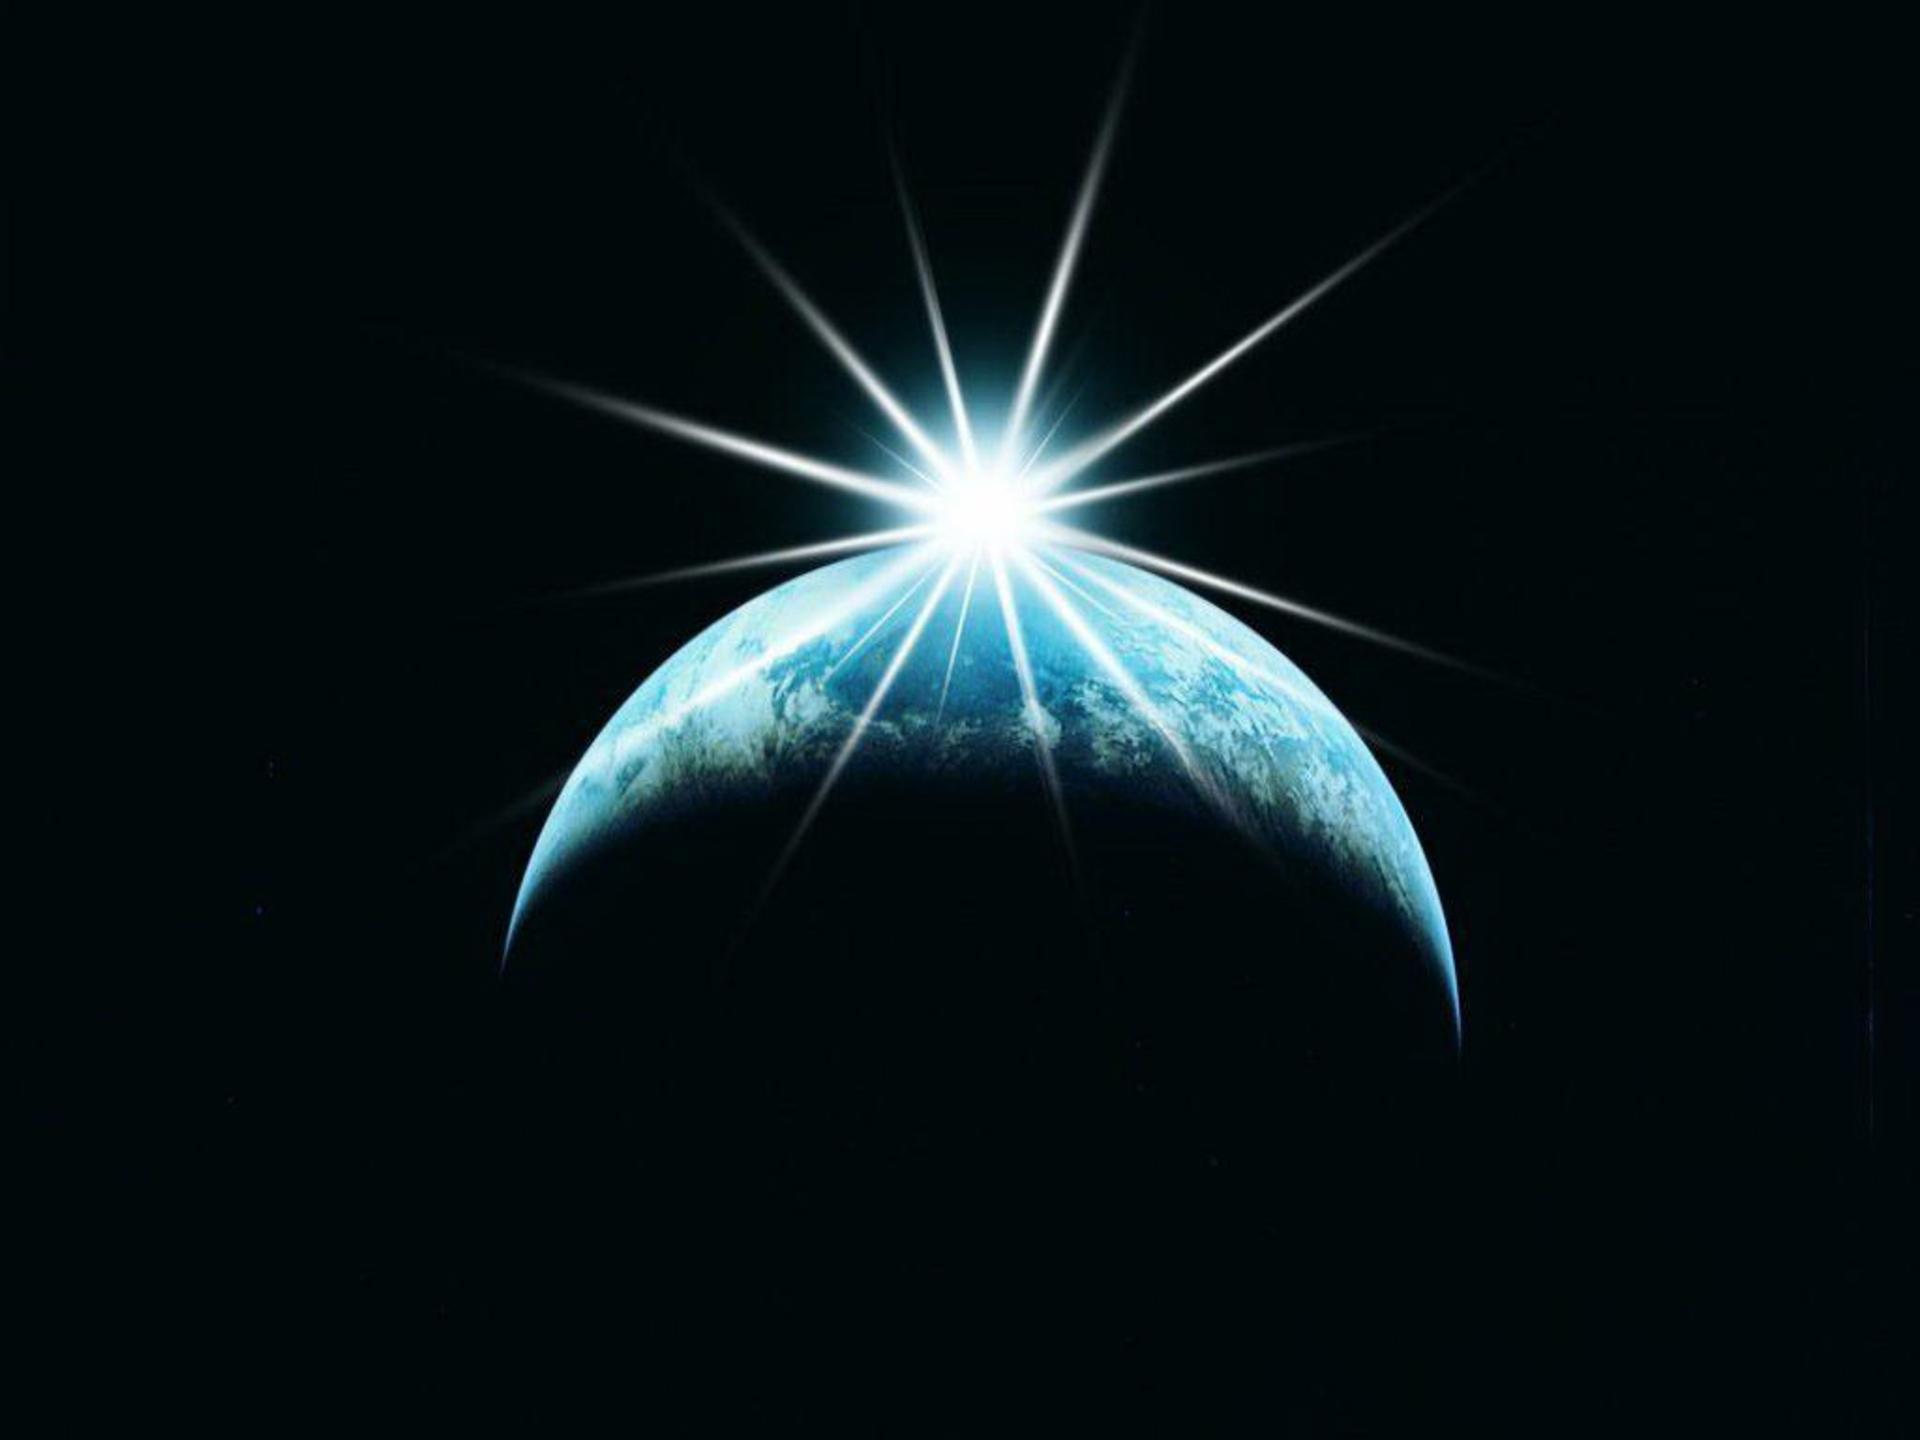 planet-earth-from-space-wallpaper-618 Американские ученые выяснили, что вода на Земле намного старше Солнца